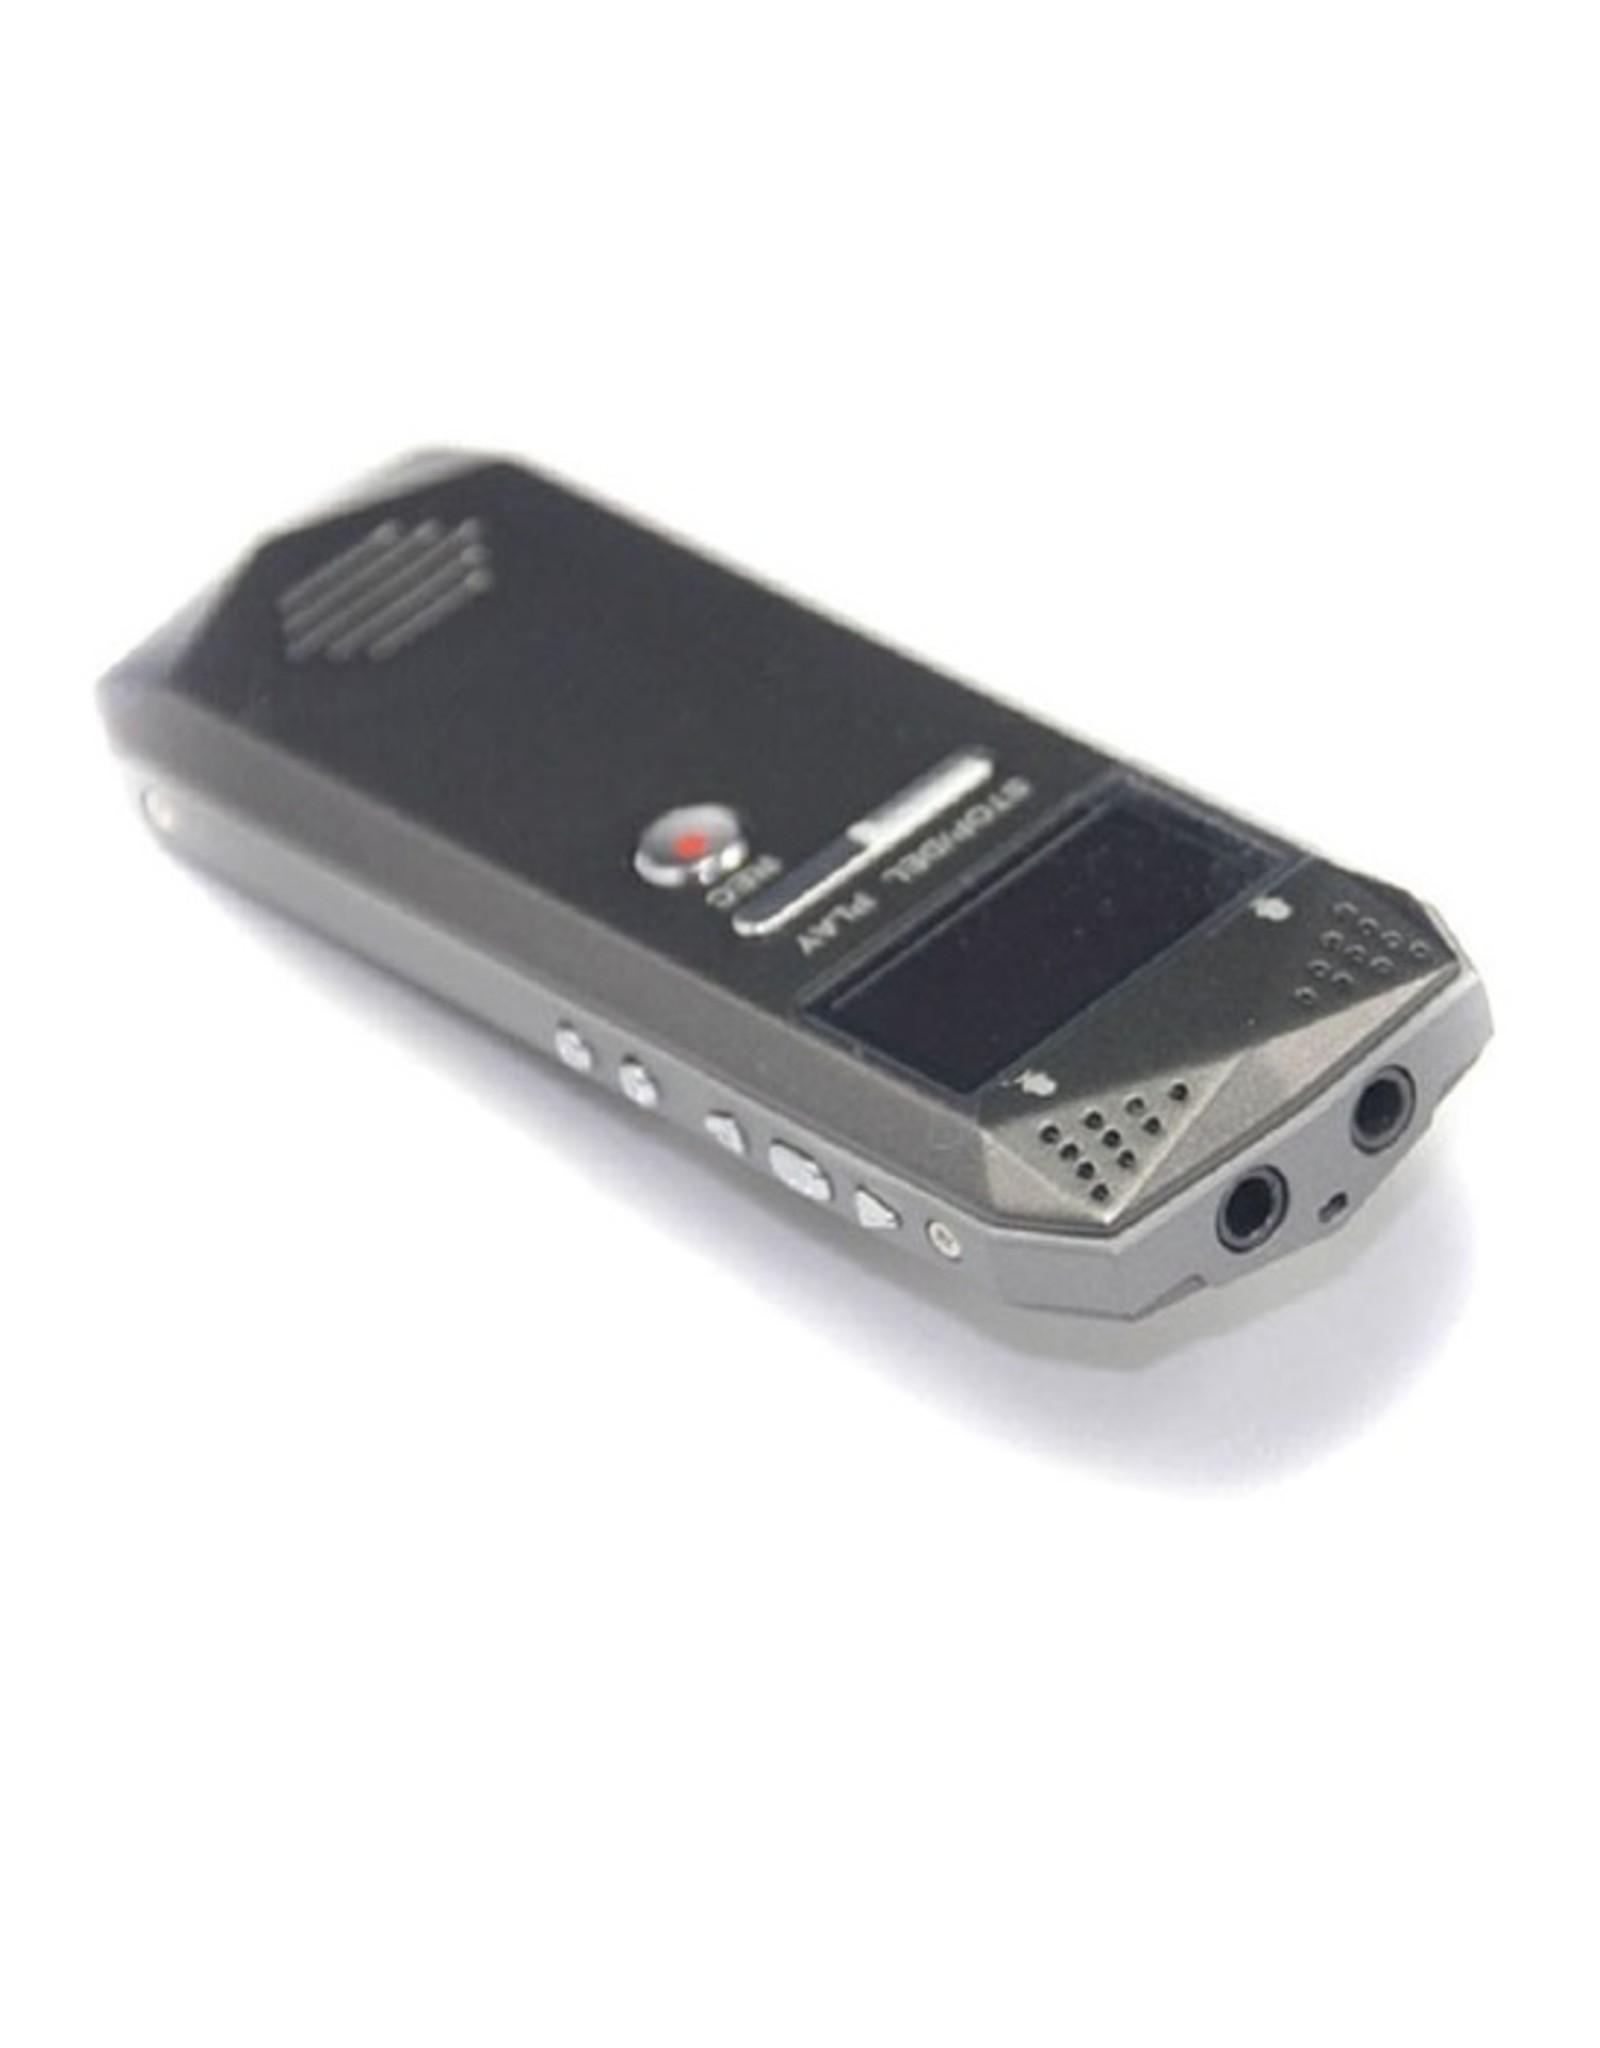 Digitale Voice Recorder - TIG-N97